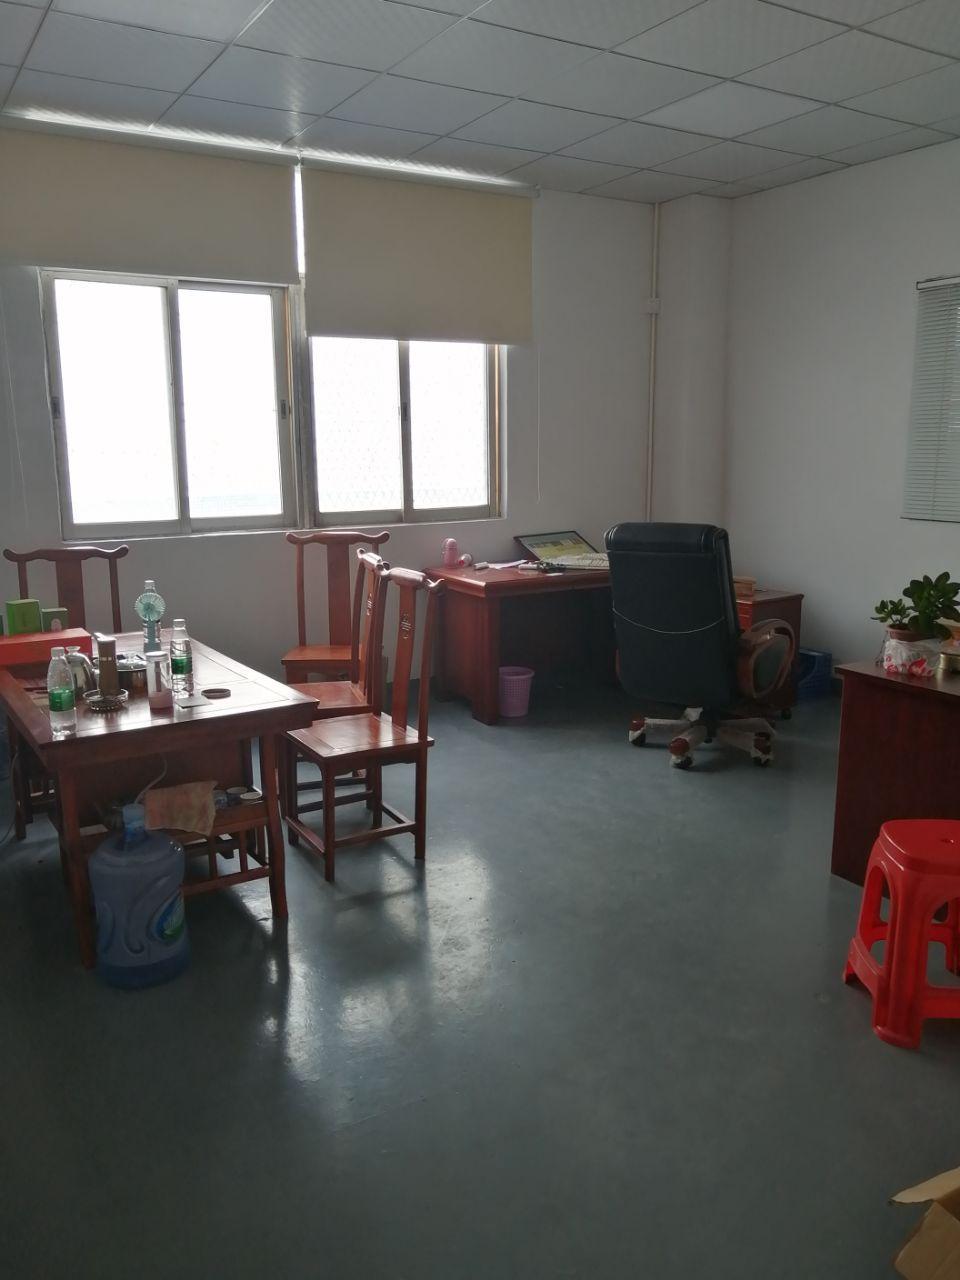 凤岗油甘埔新出带办公室装修、地坪漆标准厂房三楼500平